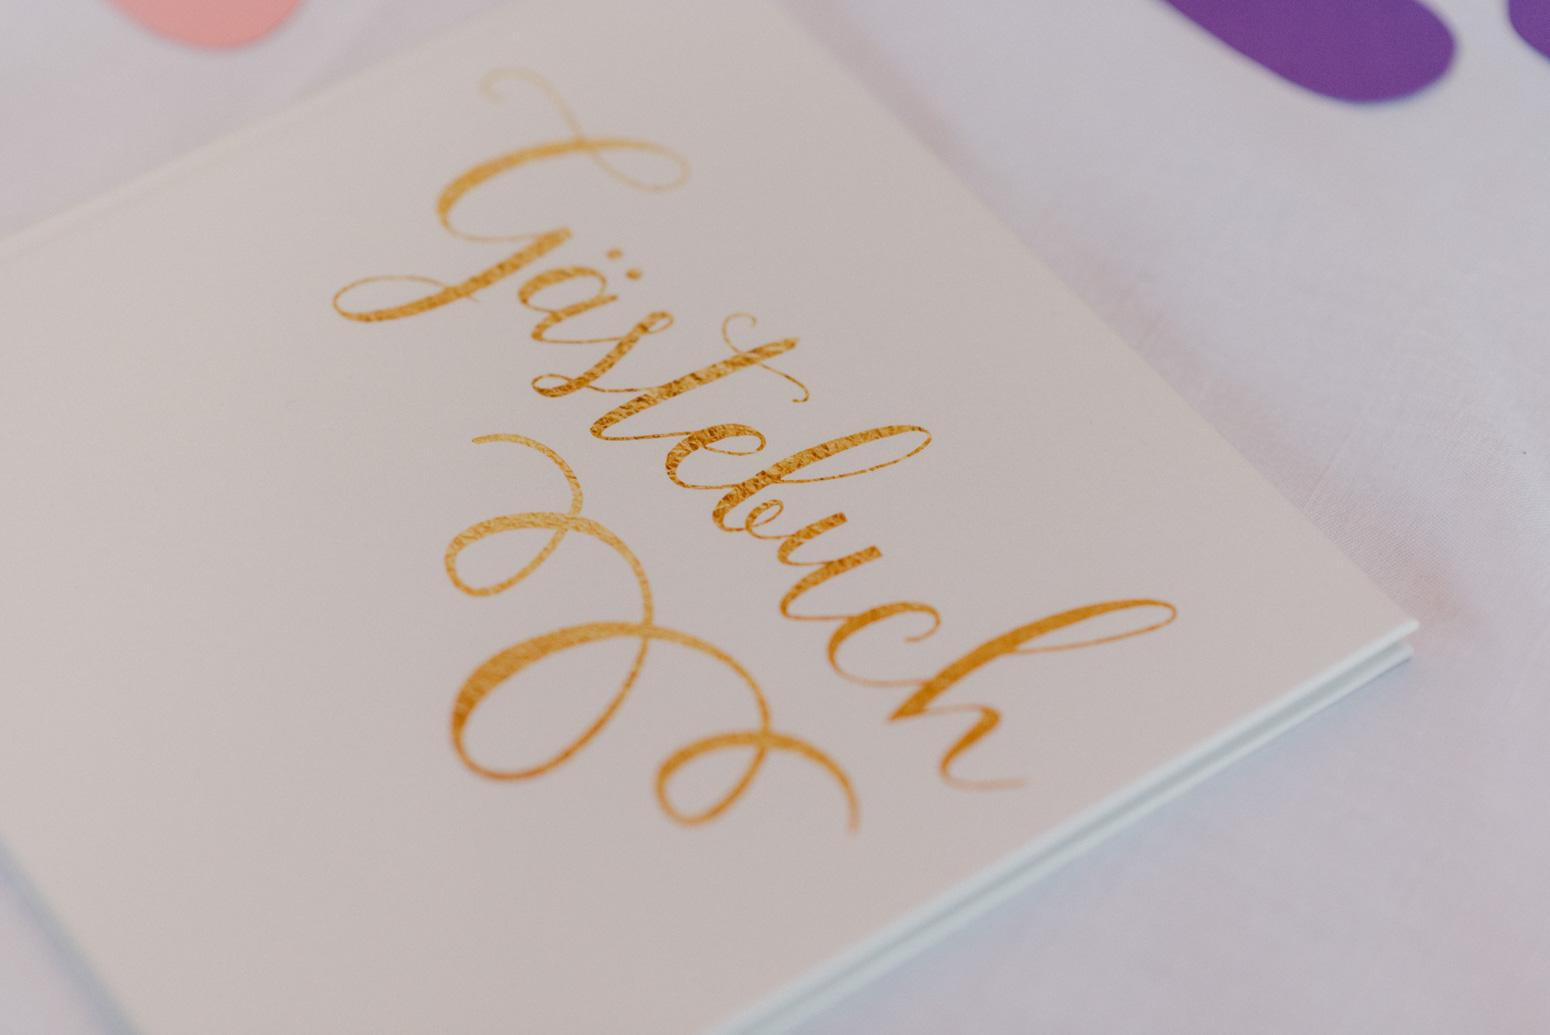 Foto von einem Gästebuch mit goldener Schrift